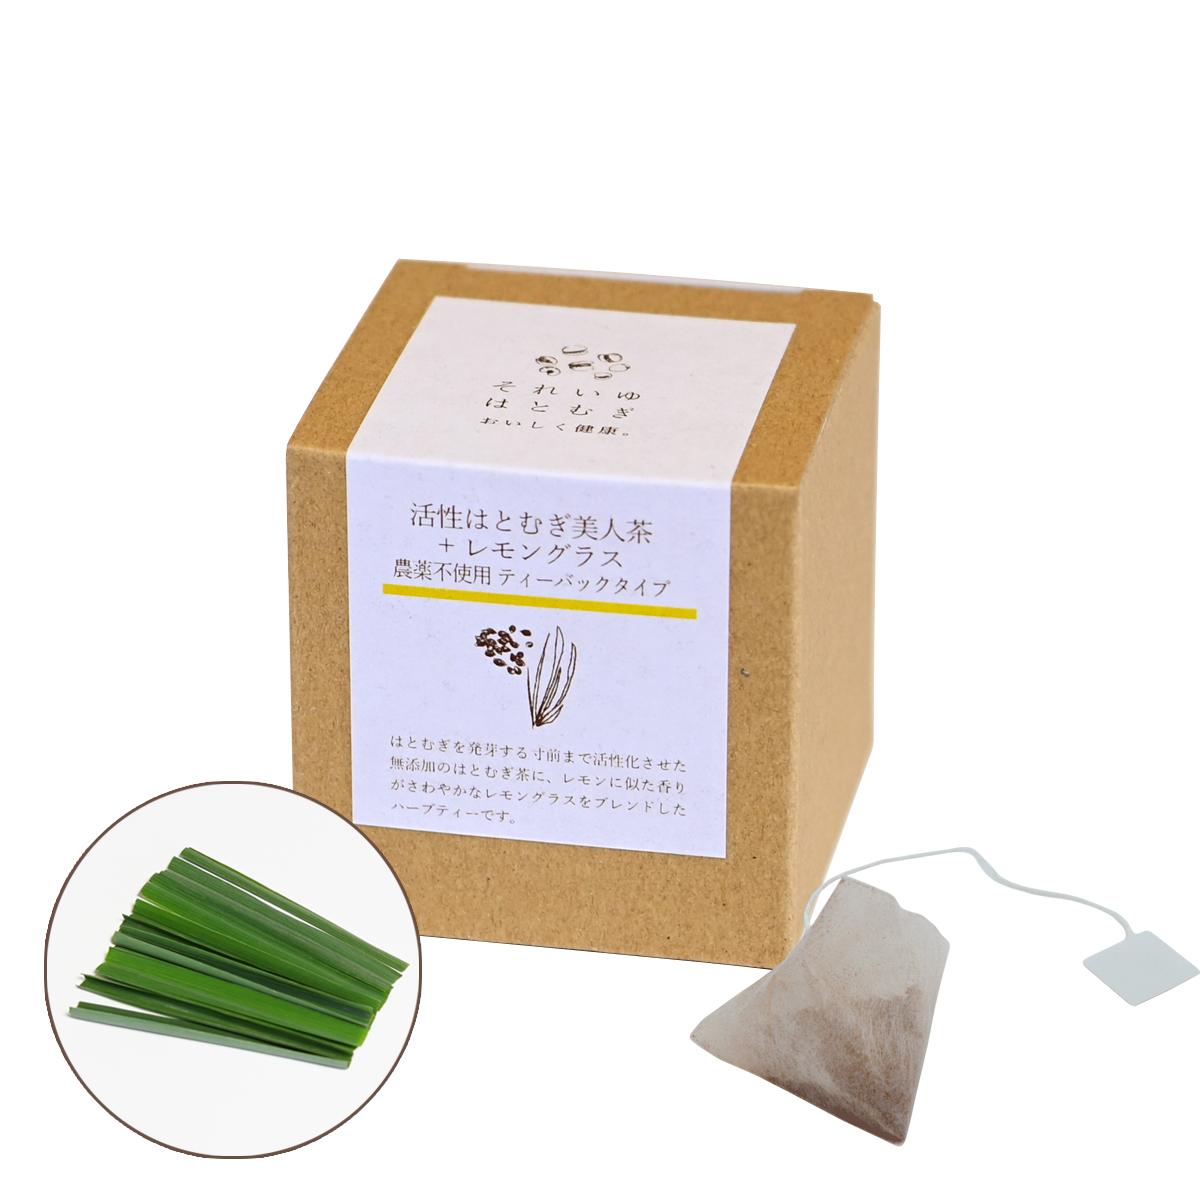 【5袋タイプ】活性はとむぎ美人茶+レモングラス 農薬不使用ティーバックタイプ